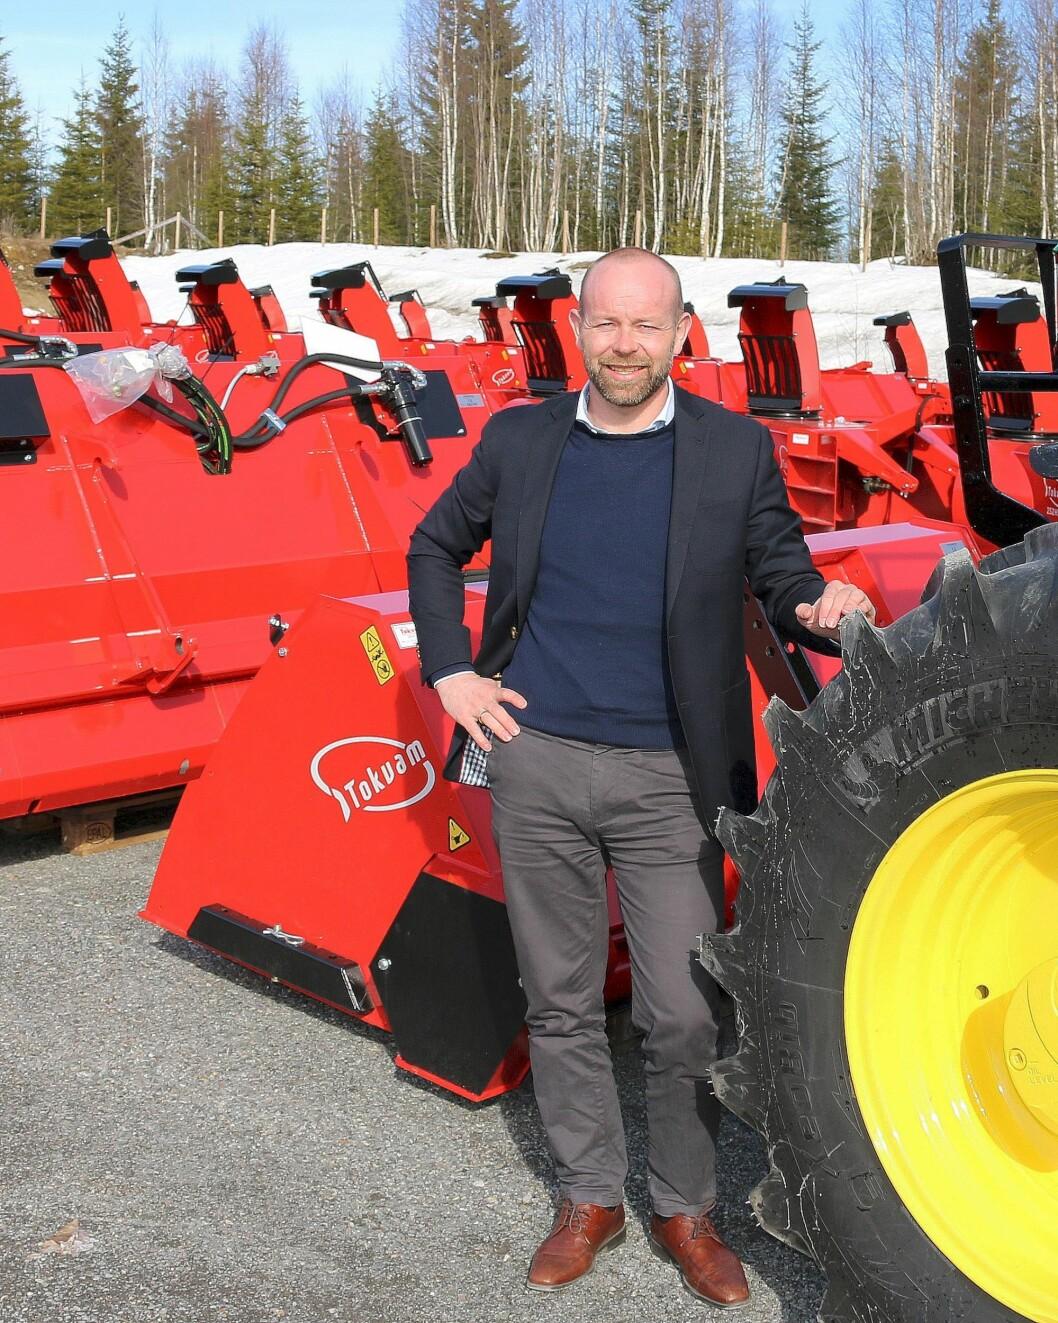 Finn Kristian Tokvam slær fast at for Tokvam er det eit viktig steg å gå i samarbeid med FKA.